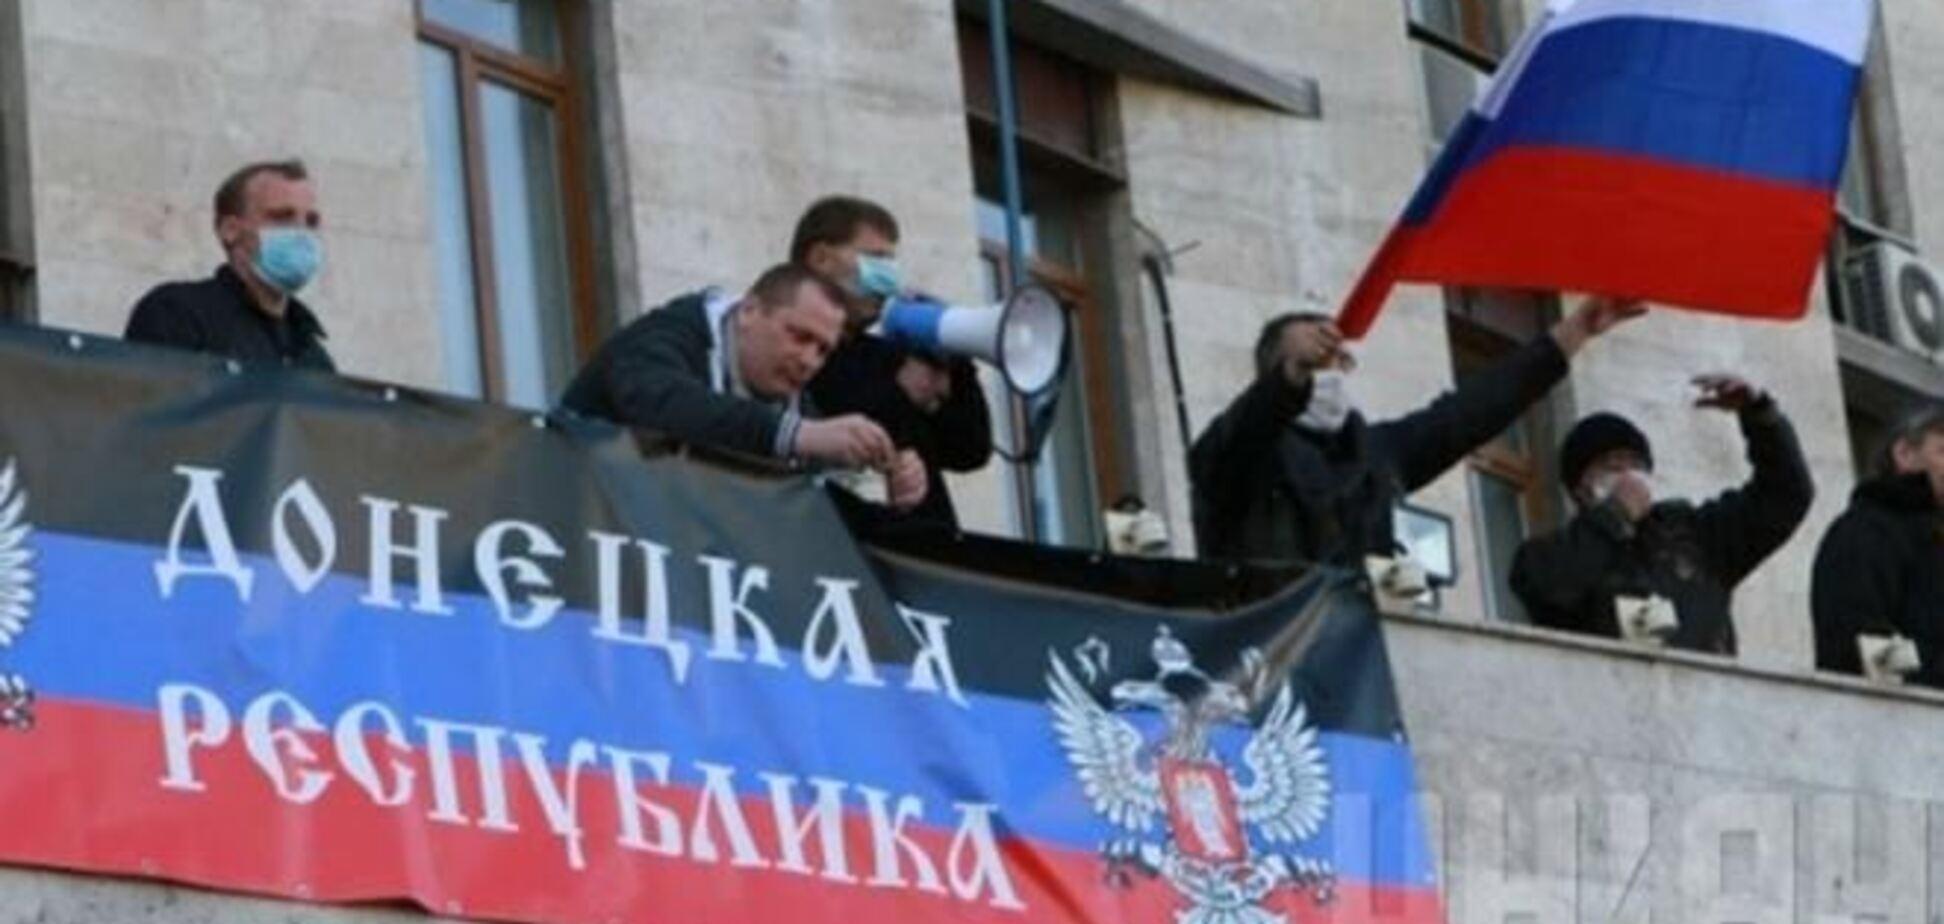 Сепаратисты в Донецке пытались захватить здание облпрокуратуры